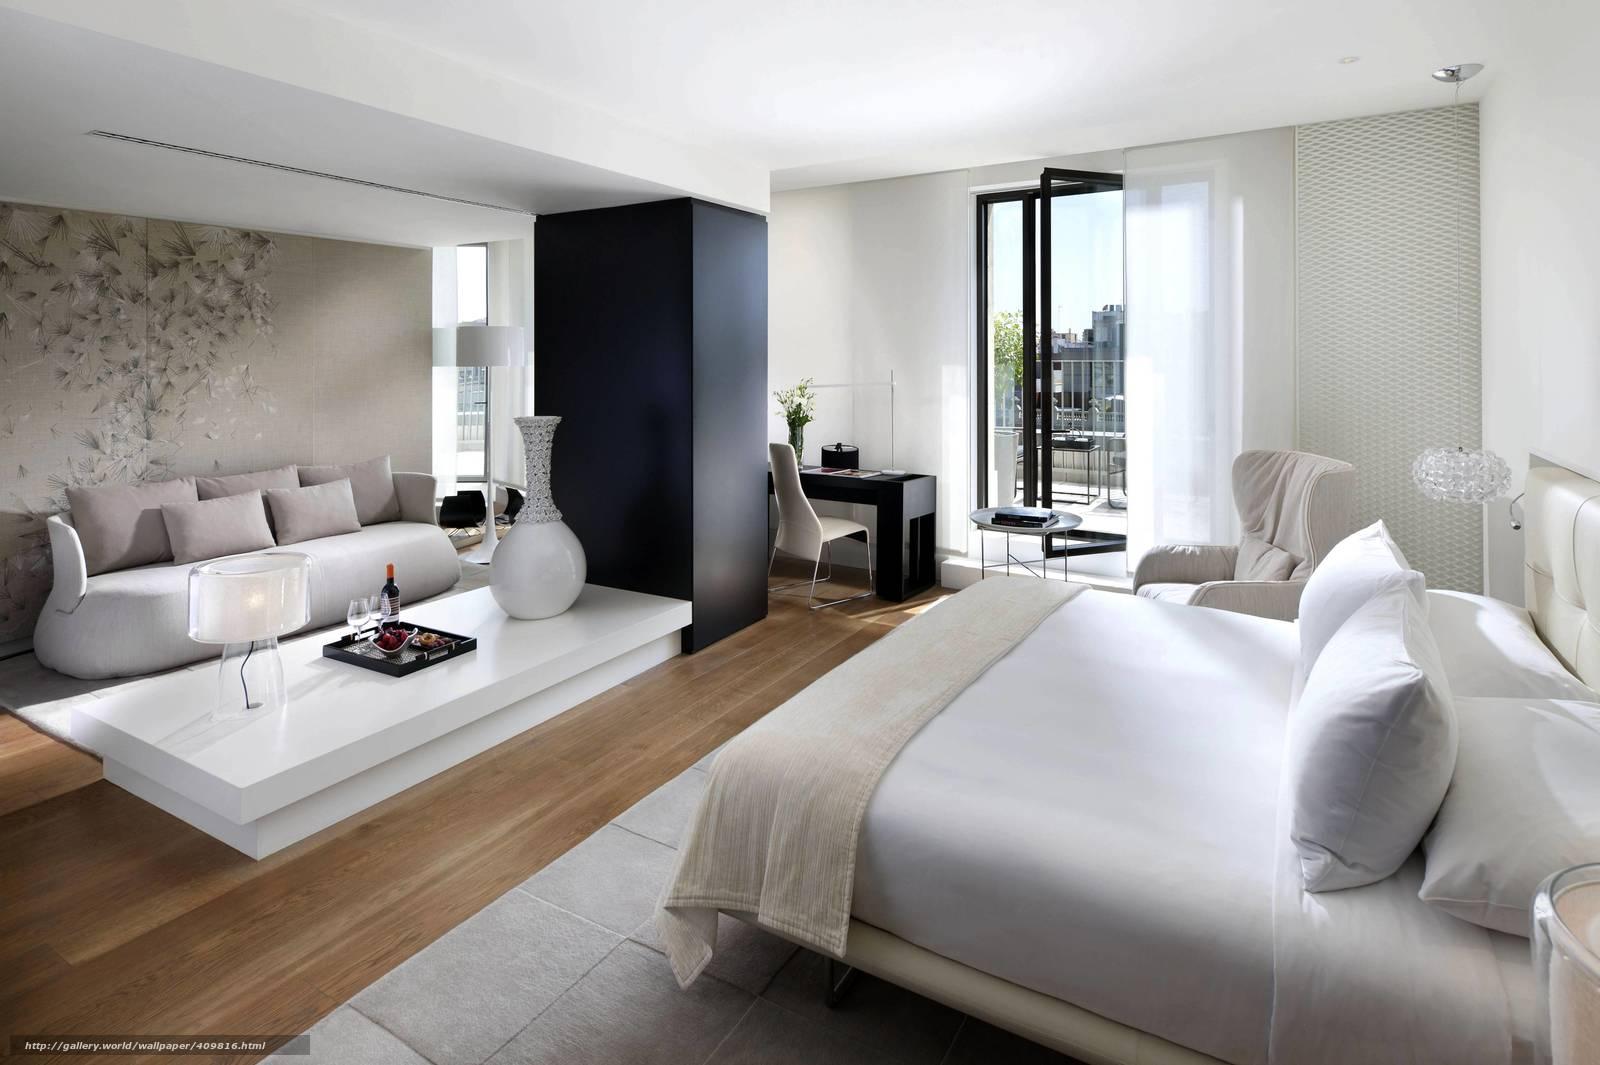 Download hintergrund innen , design, stil, schlafzimmer freie ...